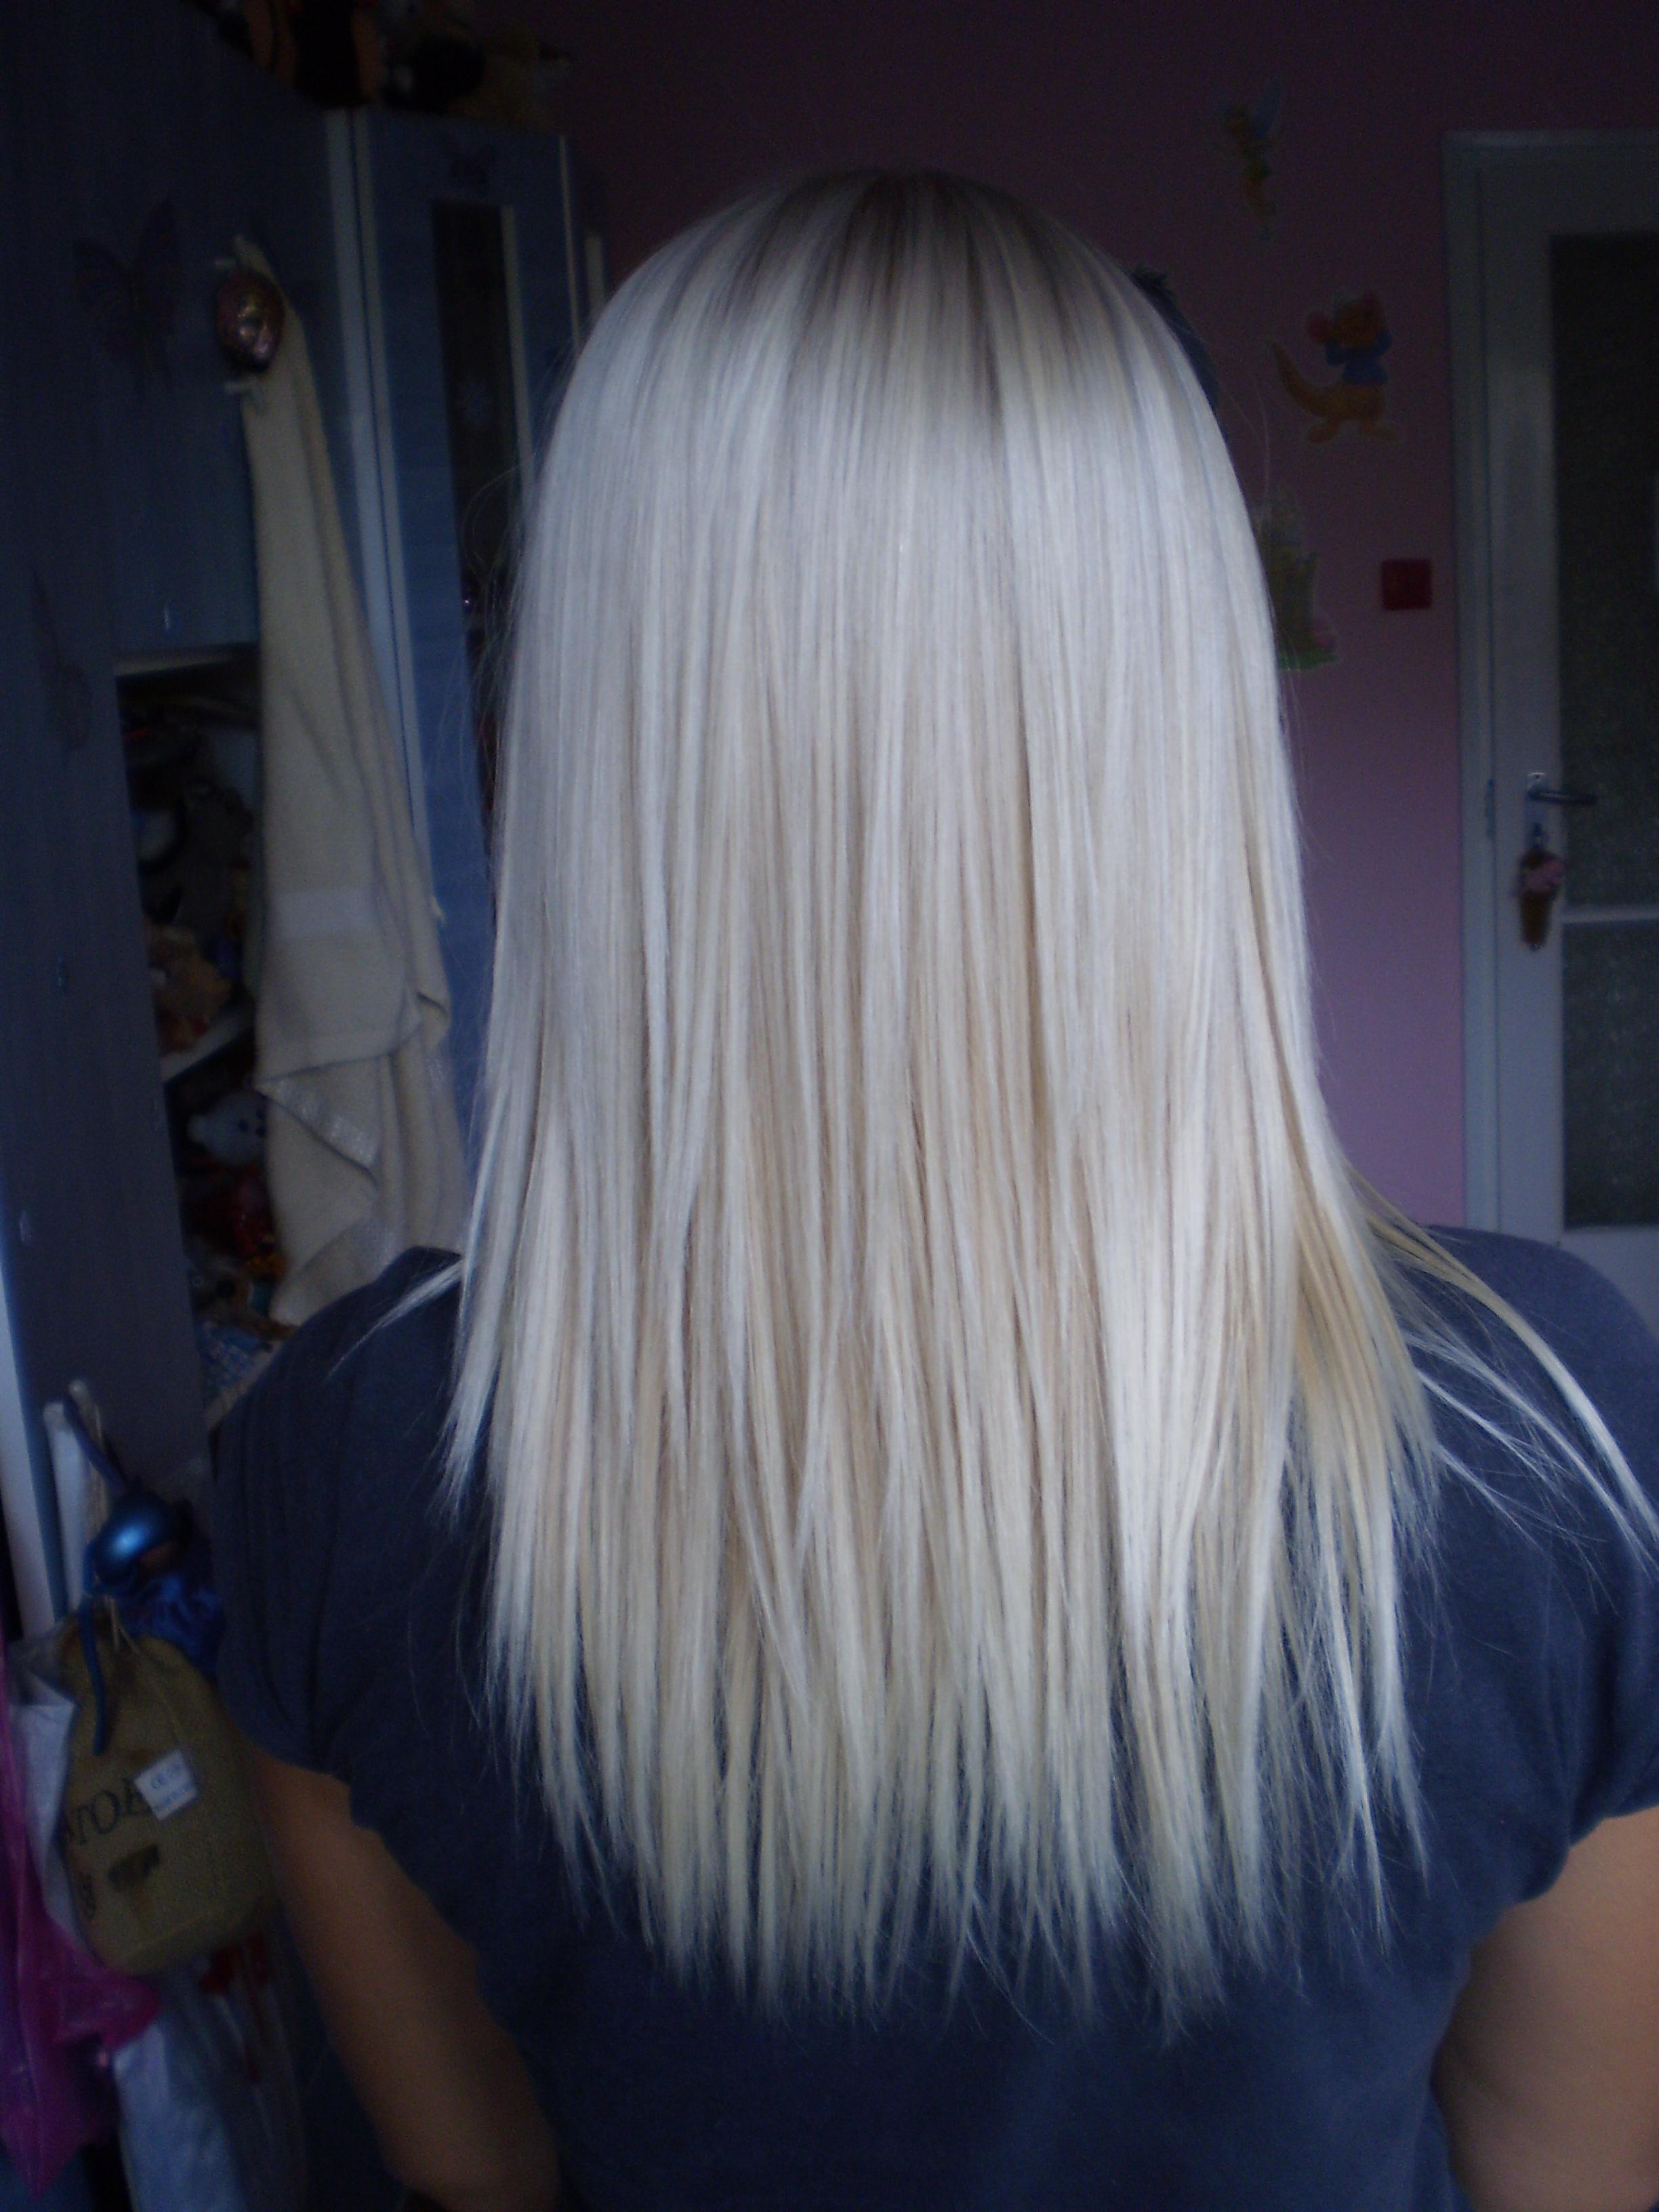 limage en grand - Coloration Blond Perle